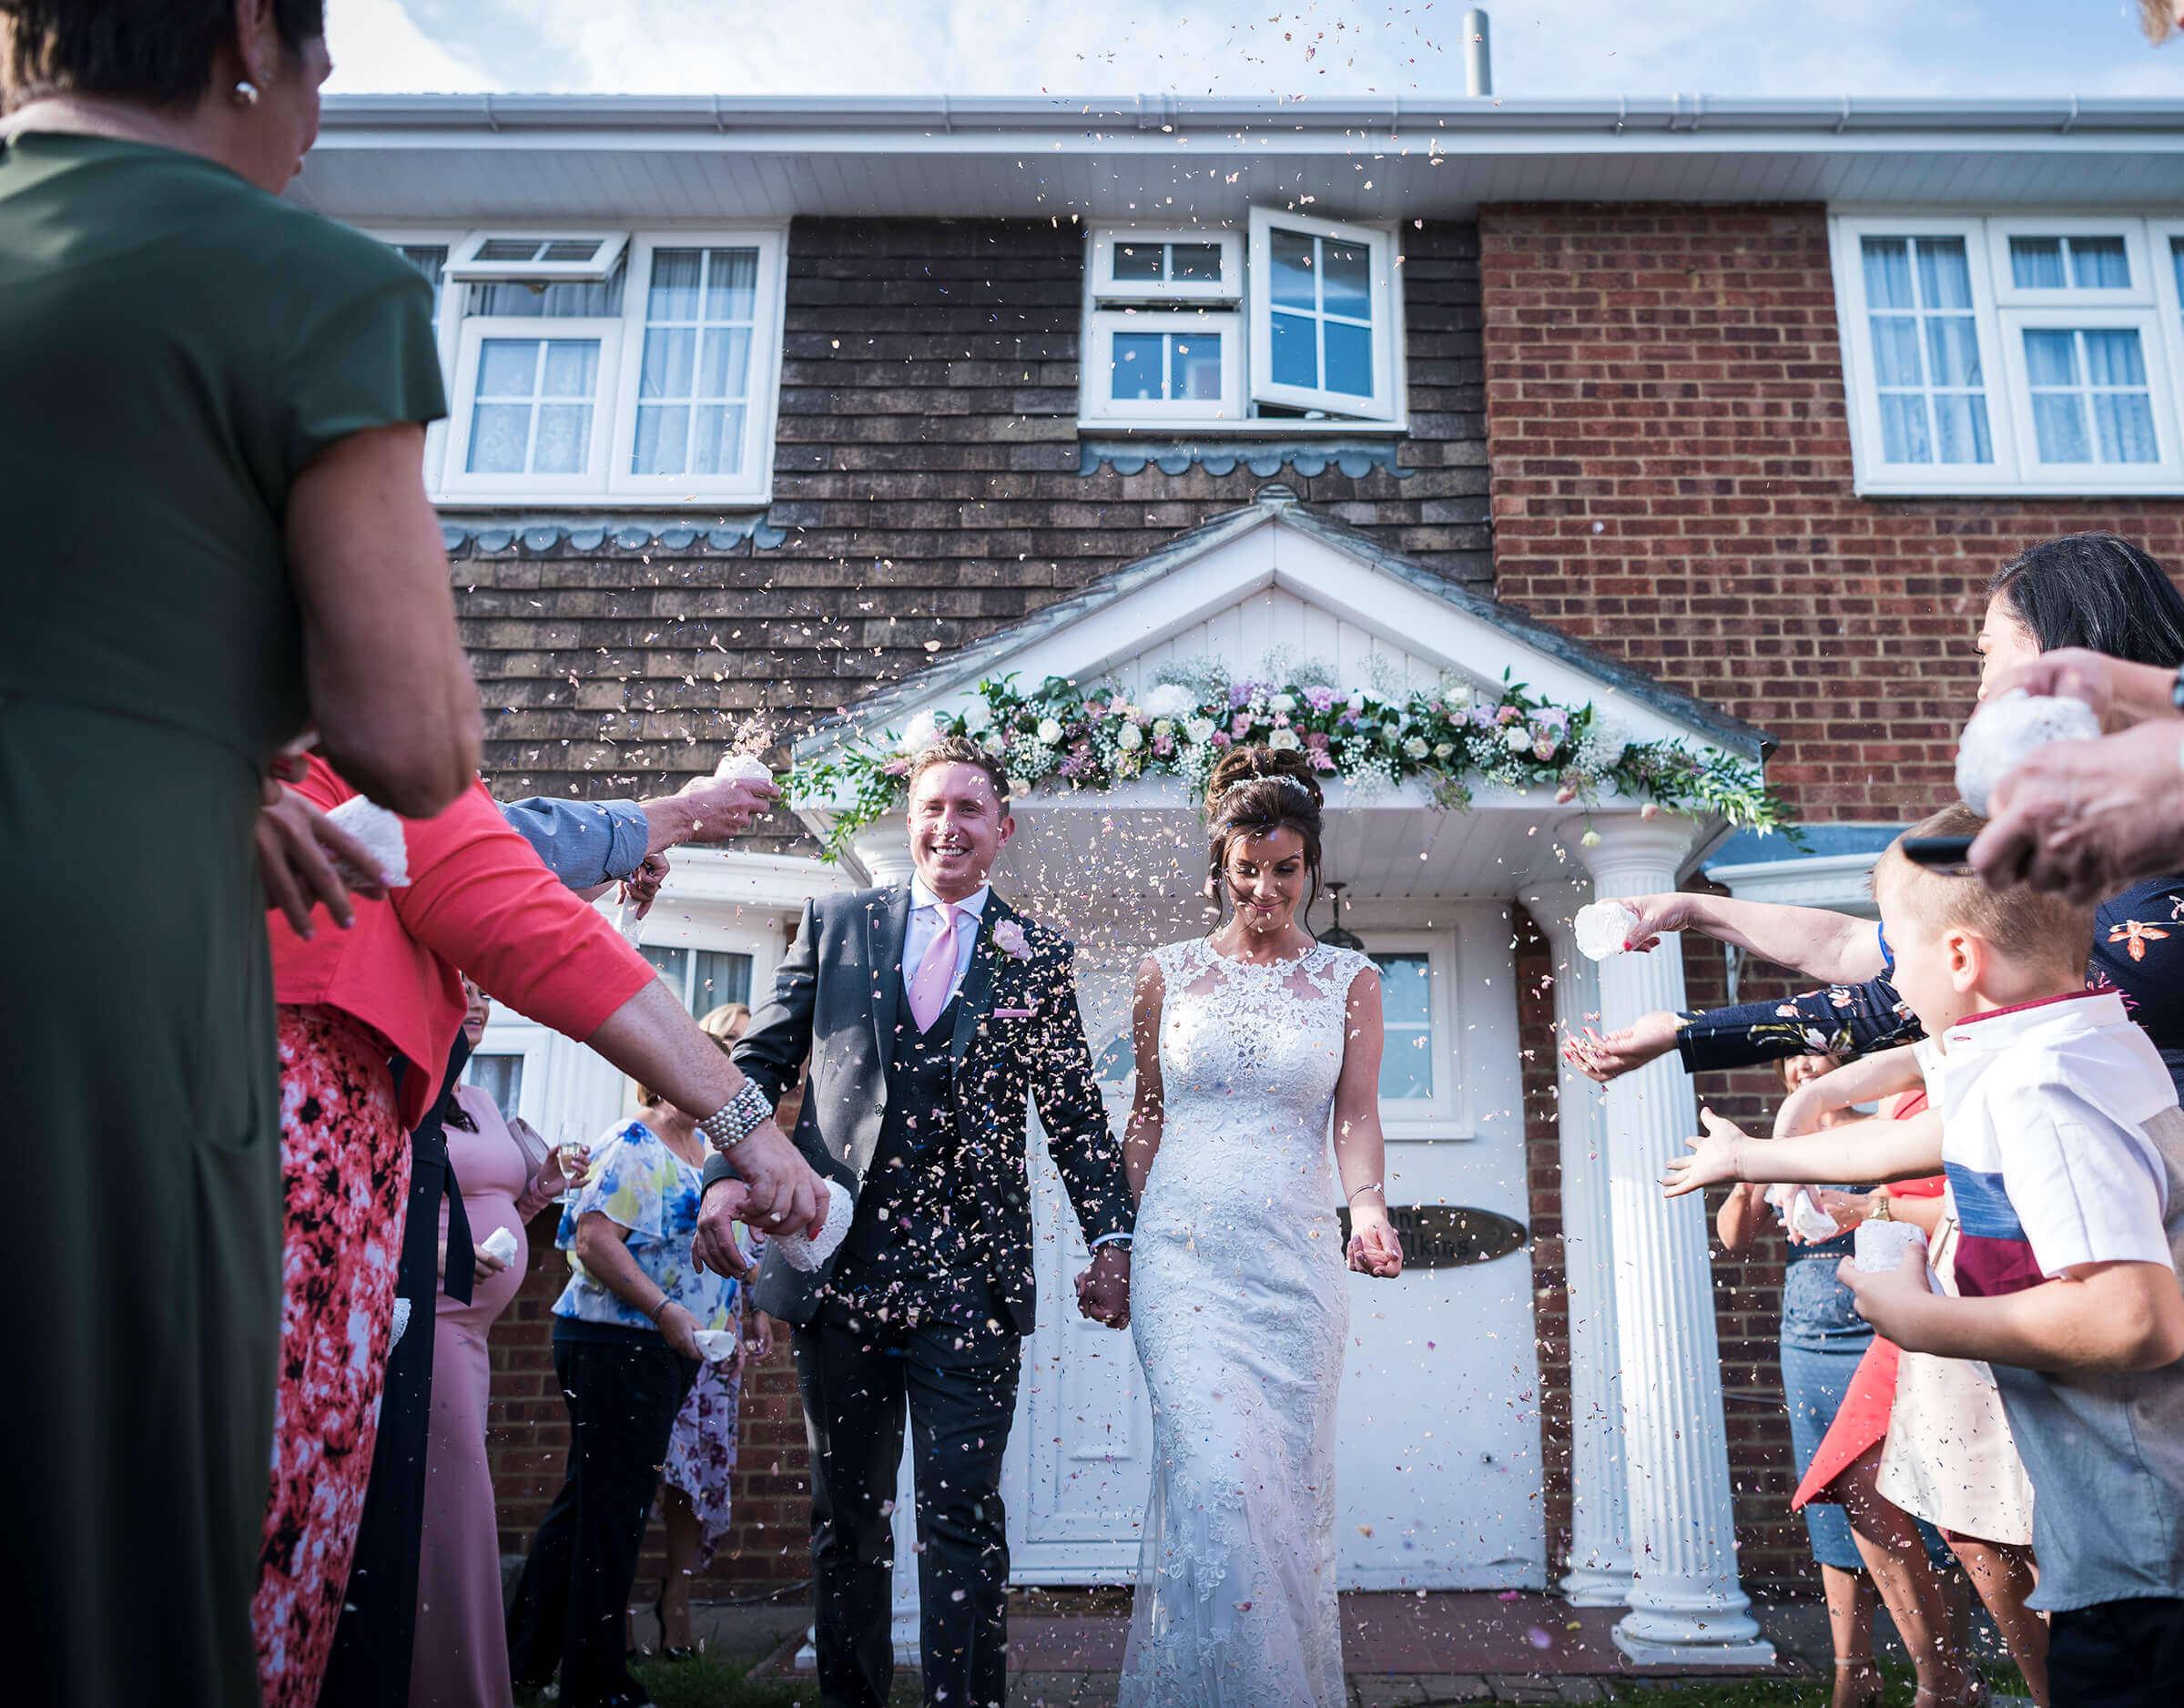 essex-wedding-bride-and-groom-confetti-shot.jpg